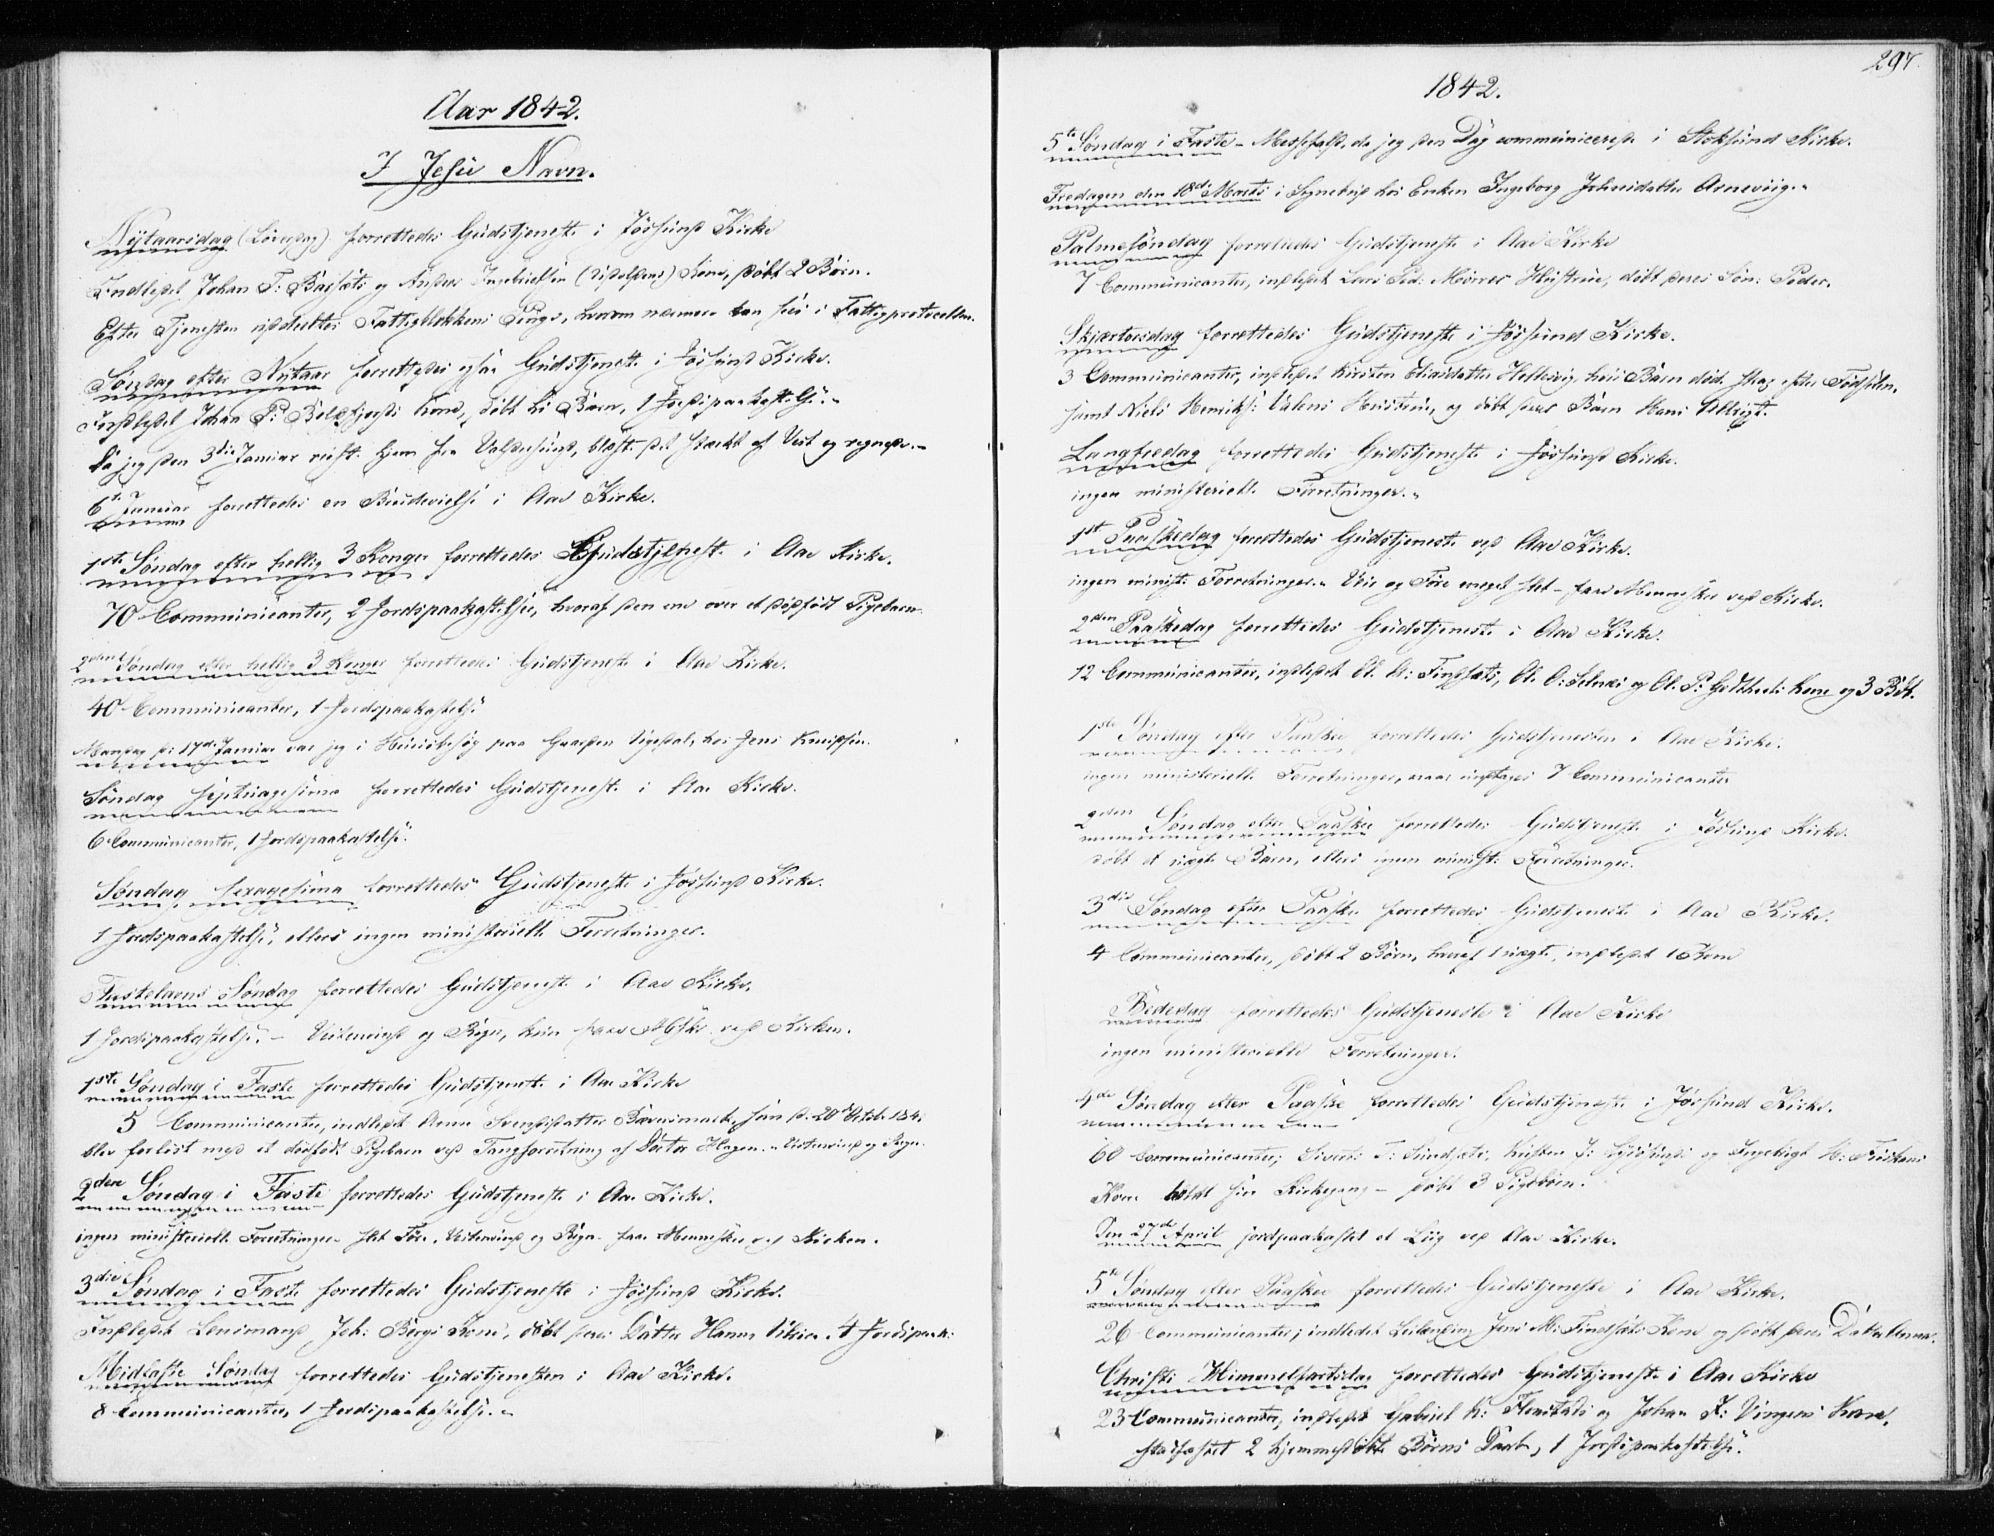 SAT, Ministerialprotokoller, klokkerbøker og fødselsregistre - Sør-Trøndelag, 655/L0676: Ministerialbok nr. 655A05, 1830-1847, s. 297